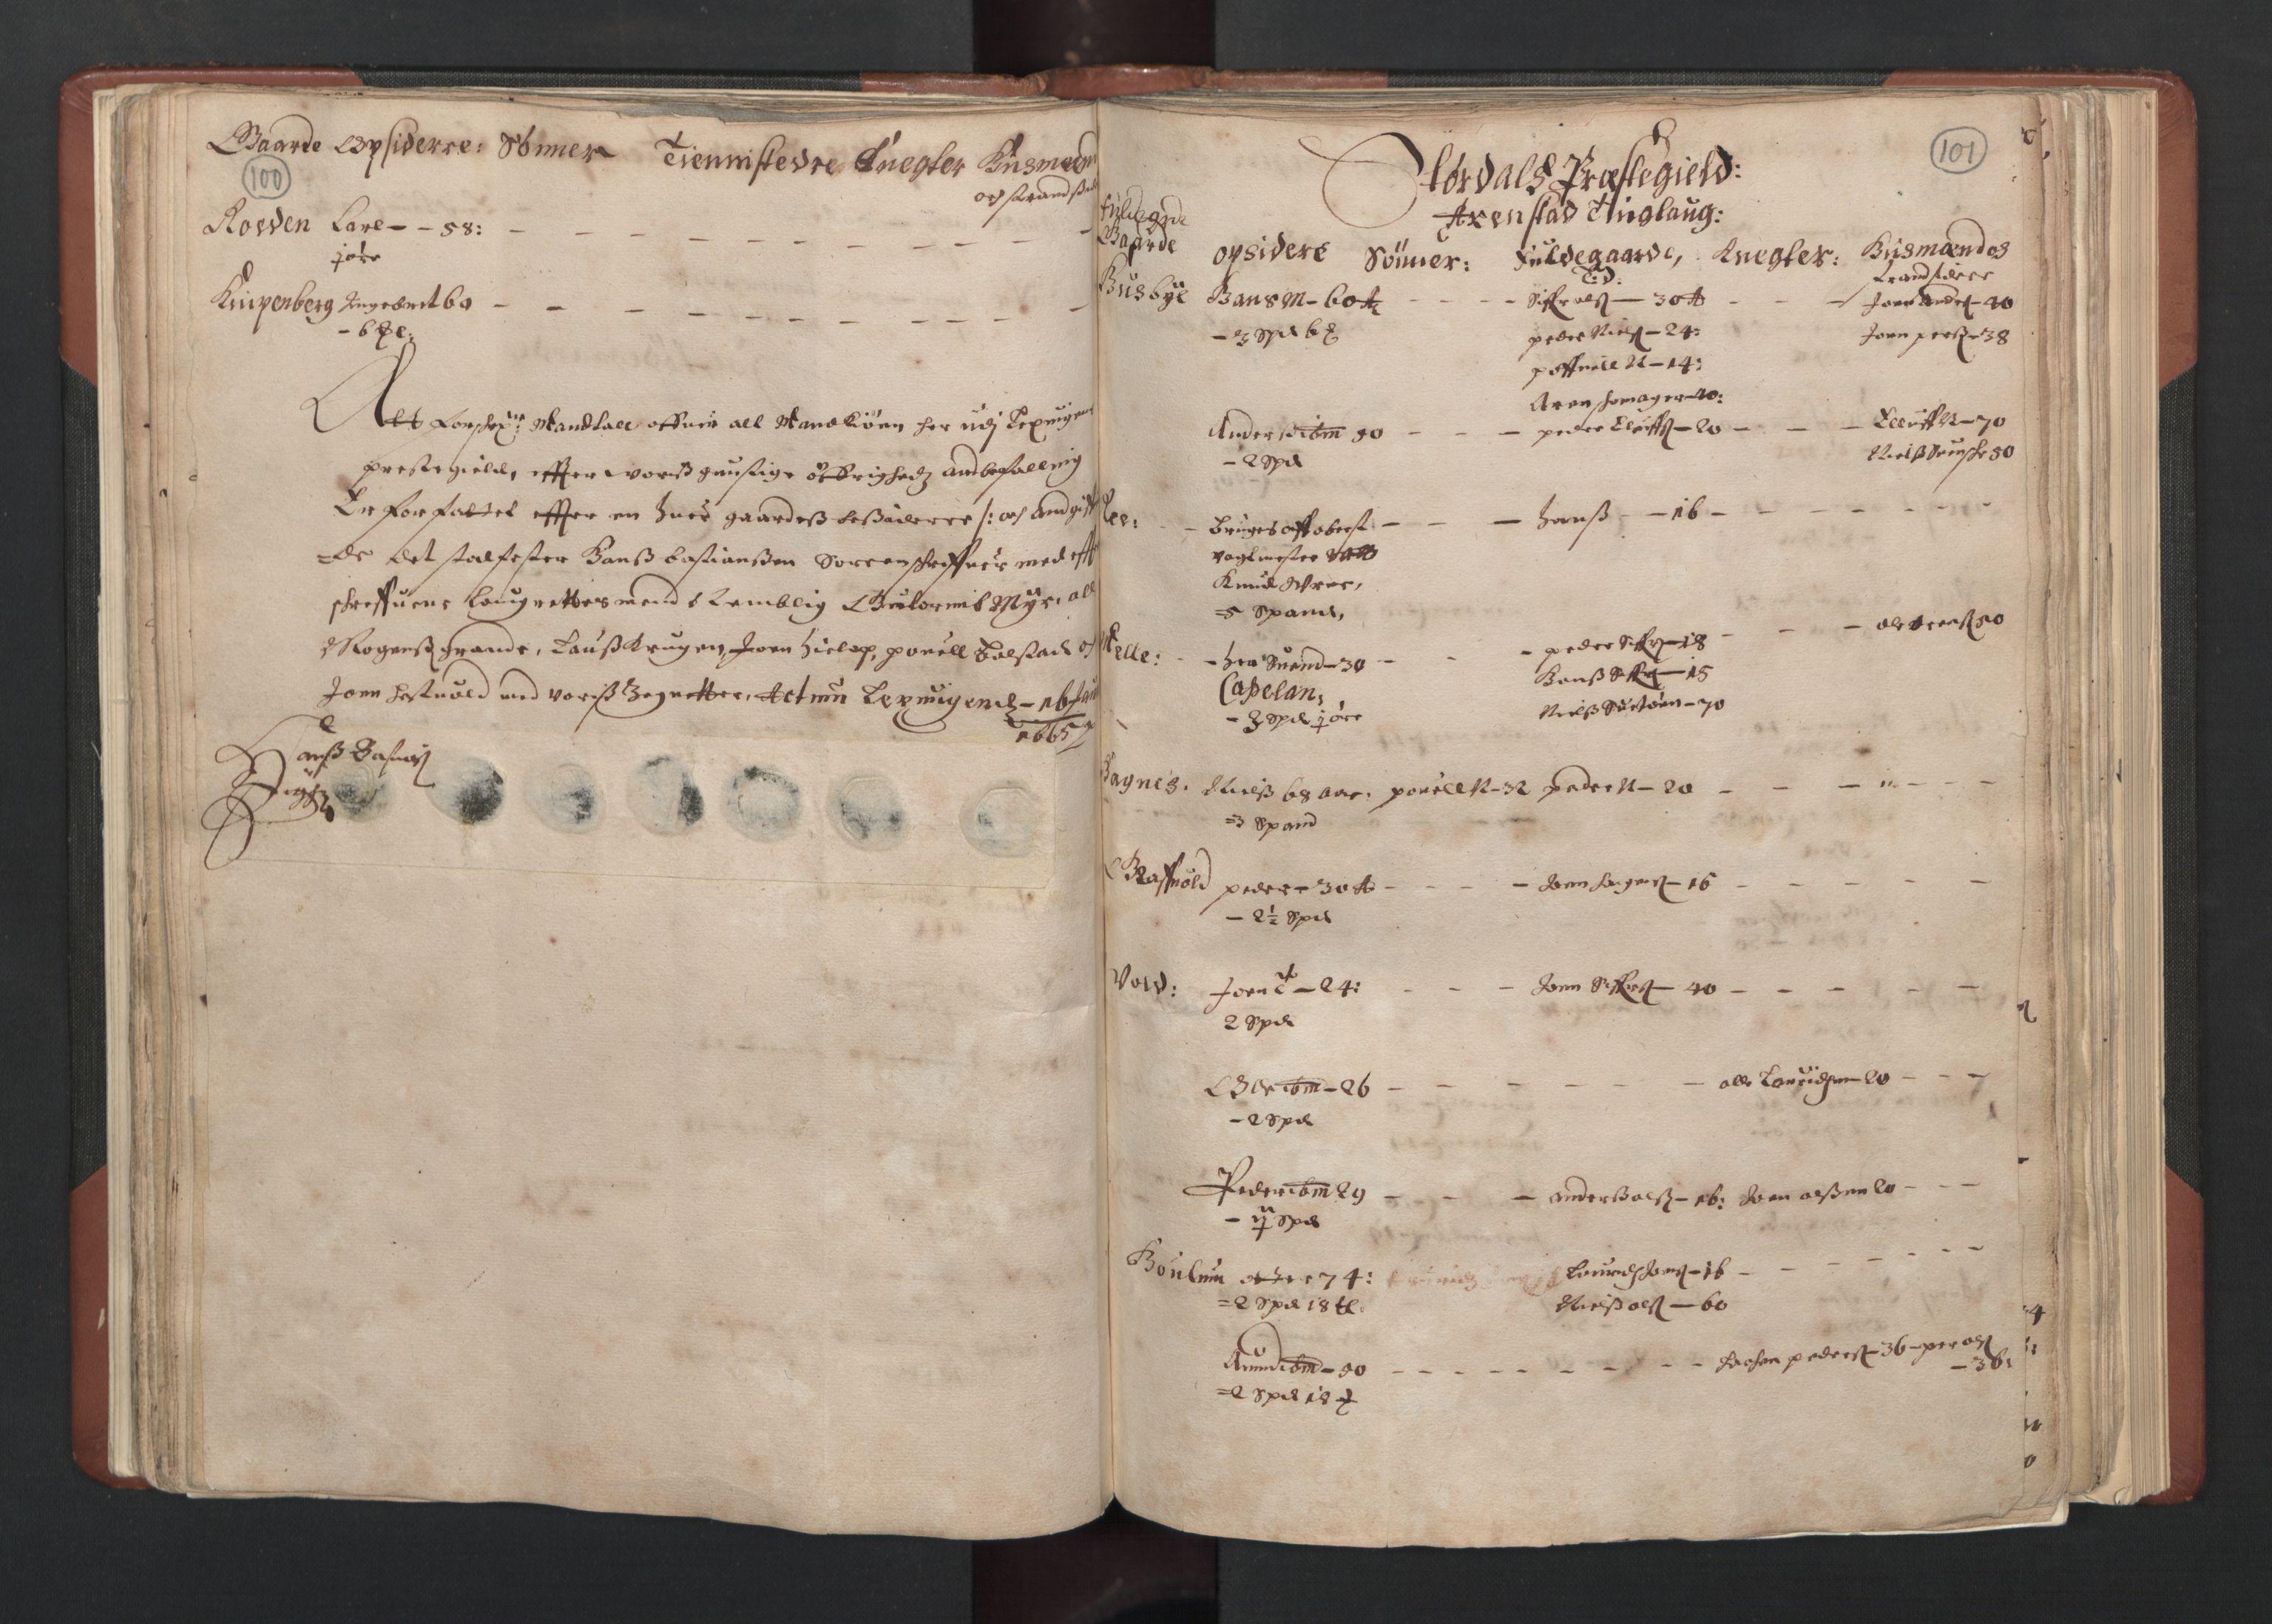 RA, Fogdenes og sorenskrivernes manntall 1664-1666, nr. 19: Fosen fogderi, Inderøy fogderi, Selbu fogderi, Namdal fogderi og Stjørdal fogderi, 1664-1665, s. 100-101